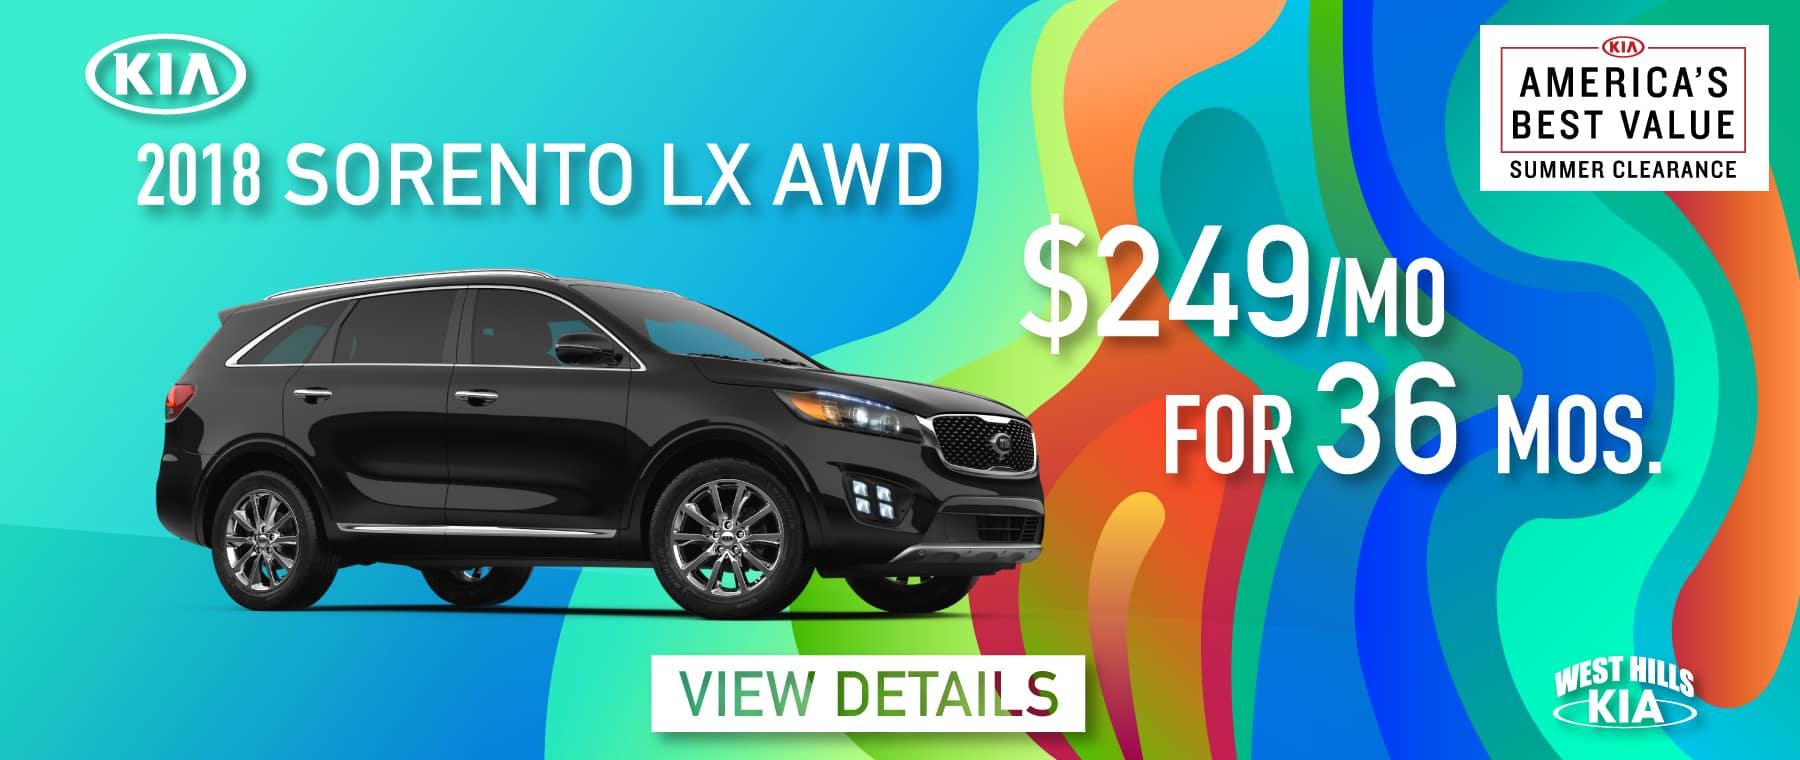 2018 Kia Sorento LX AWD Lease Special $249/mo. For 36 mos. *